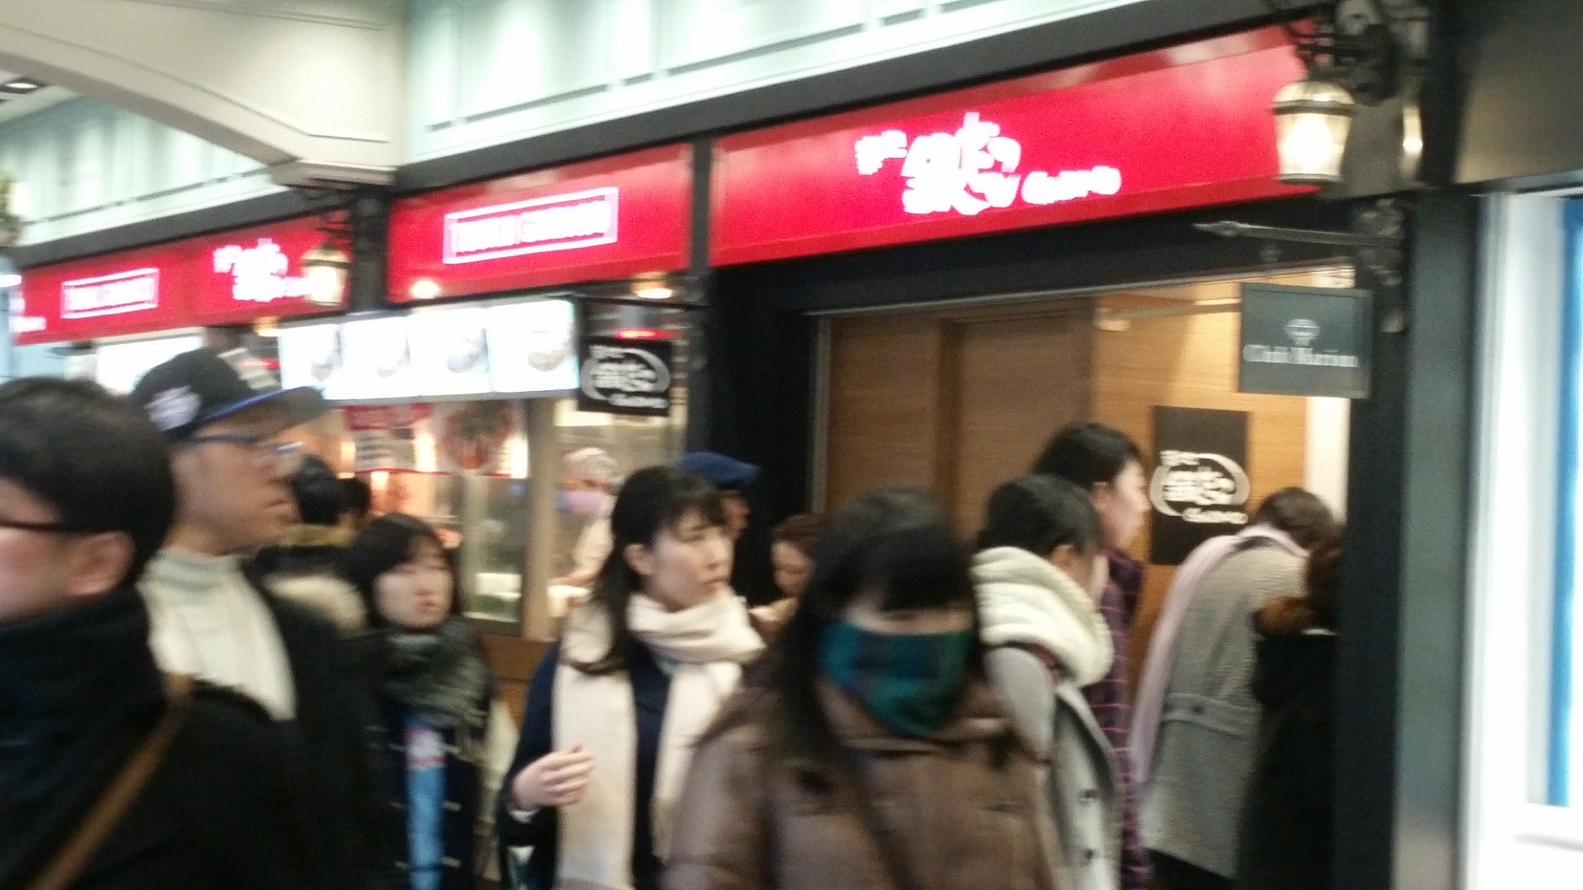 築地銀だこ ヨドバシAKIBA店